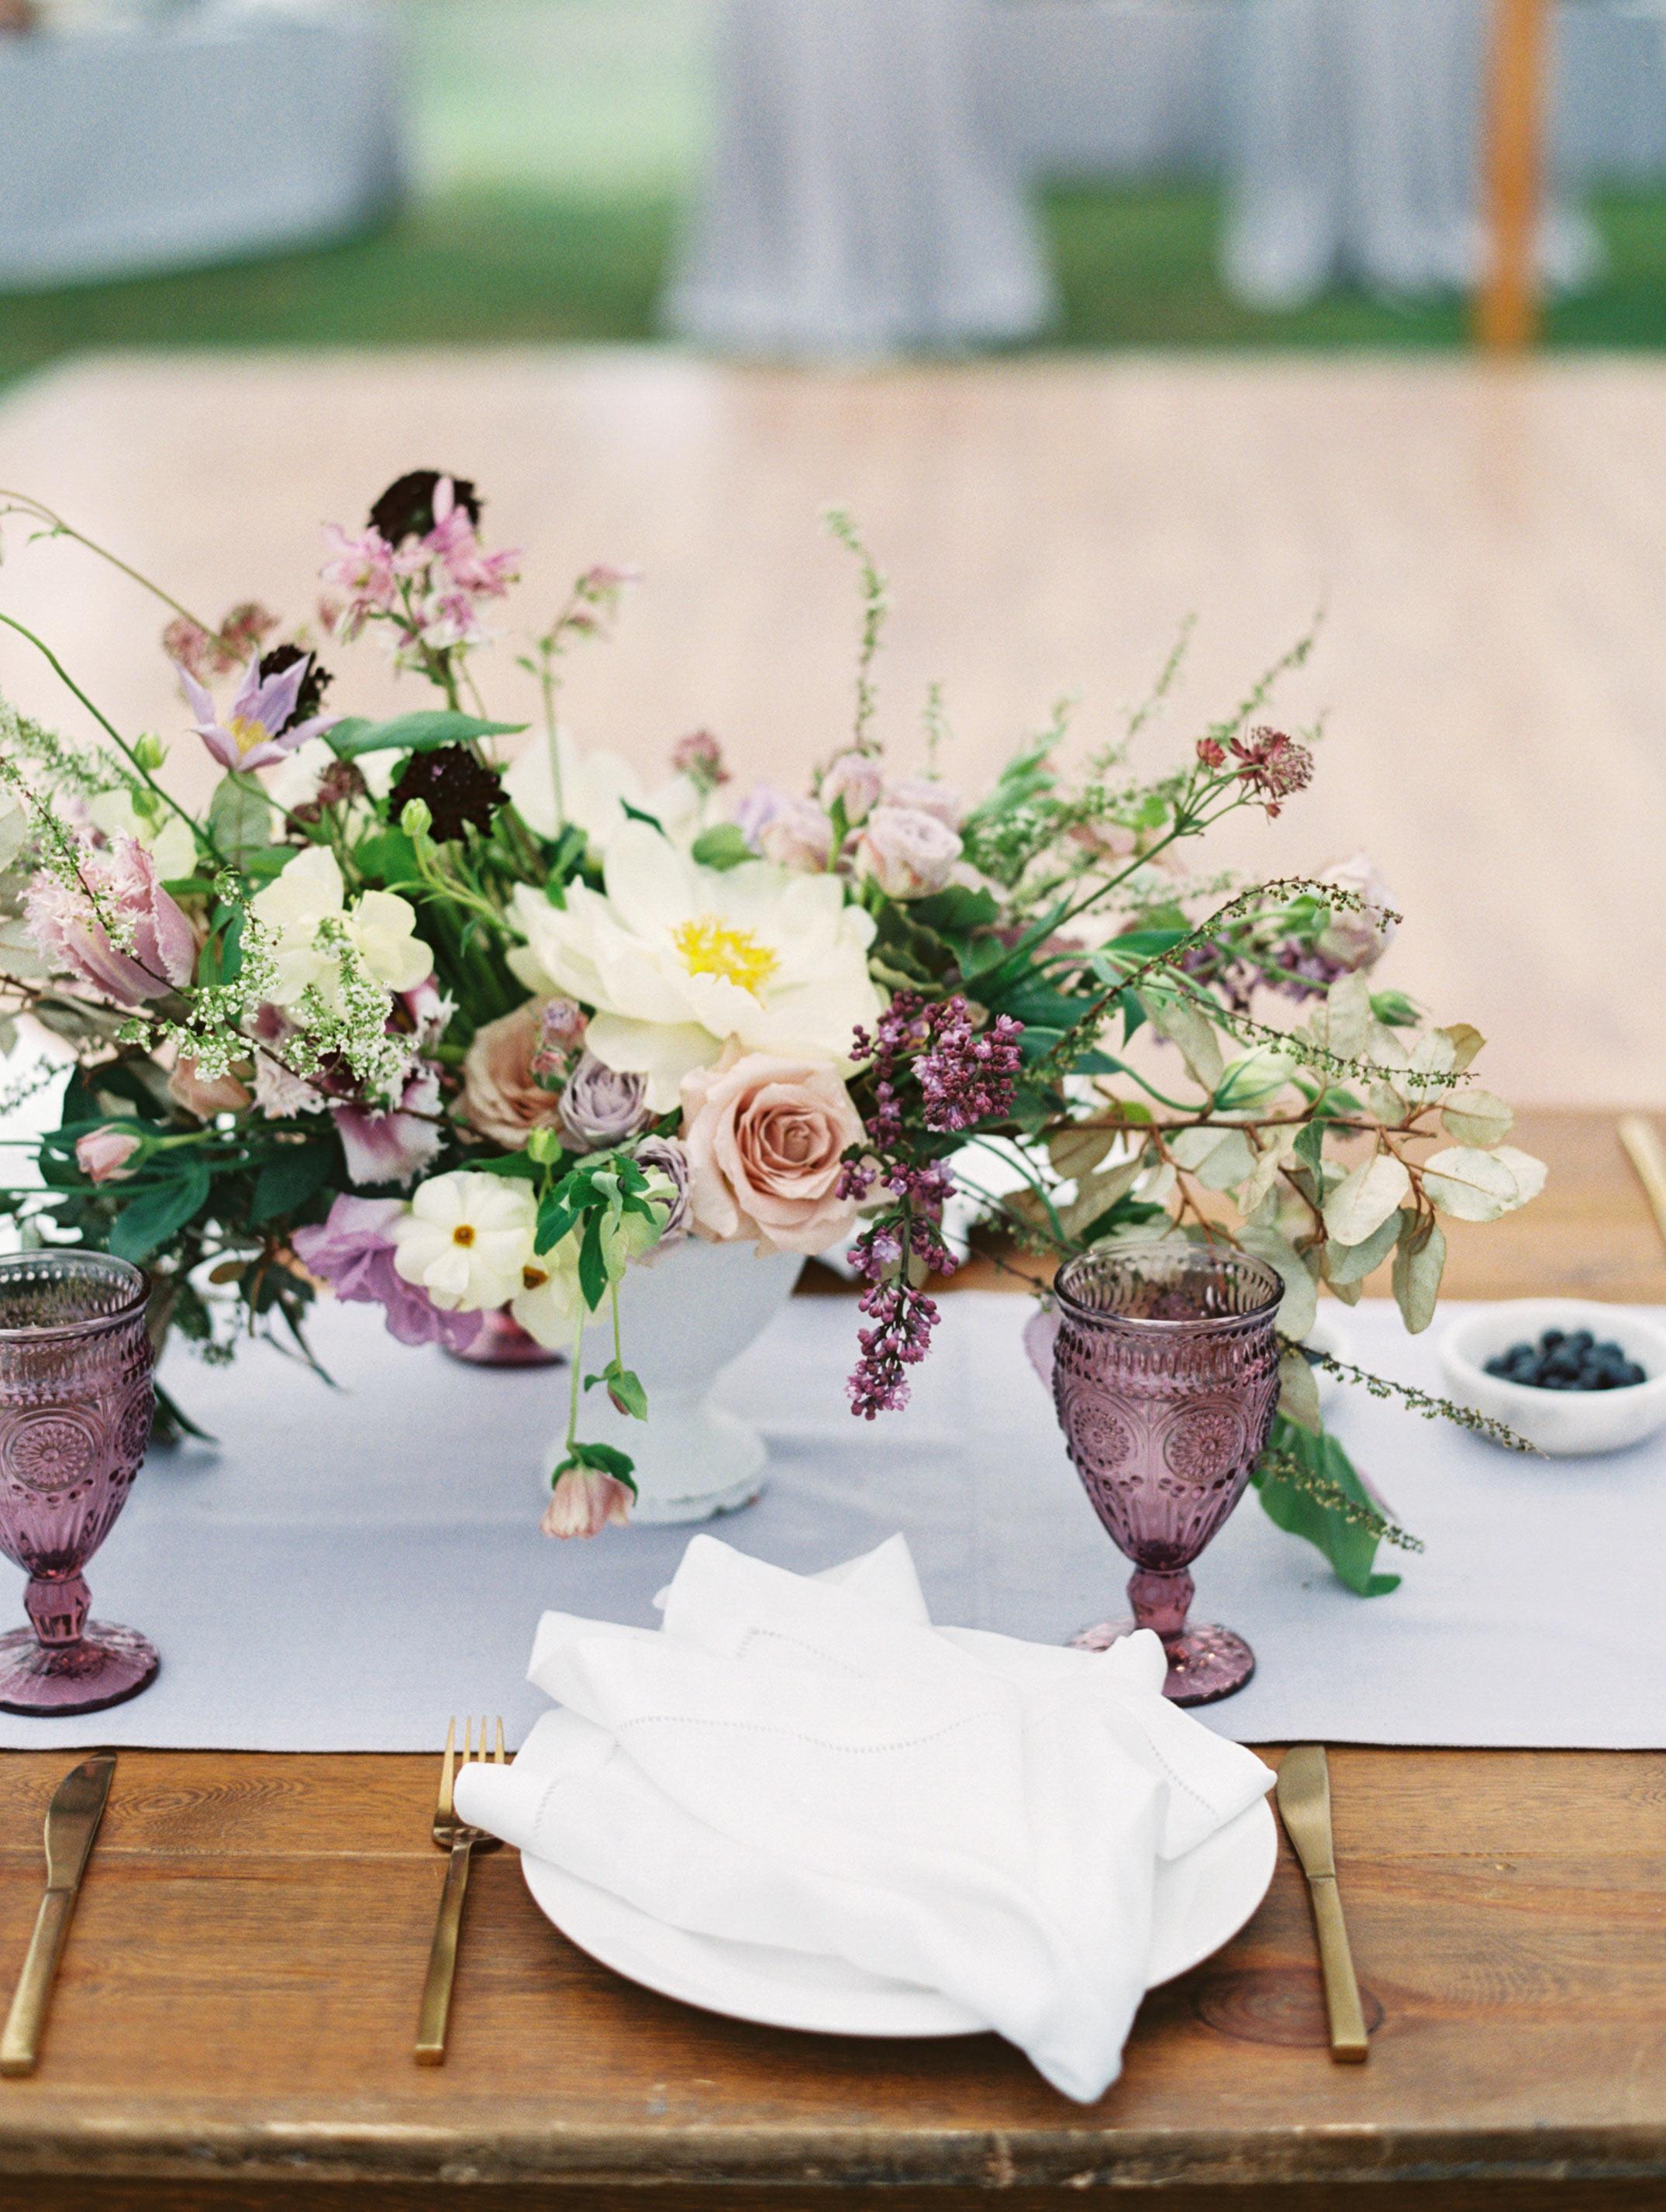 leighton craig wedding reception table centerpiece